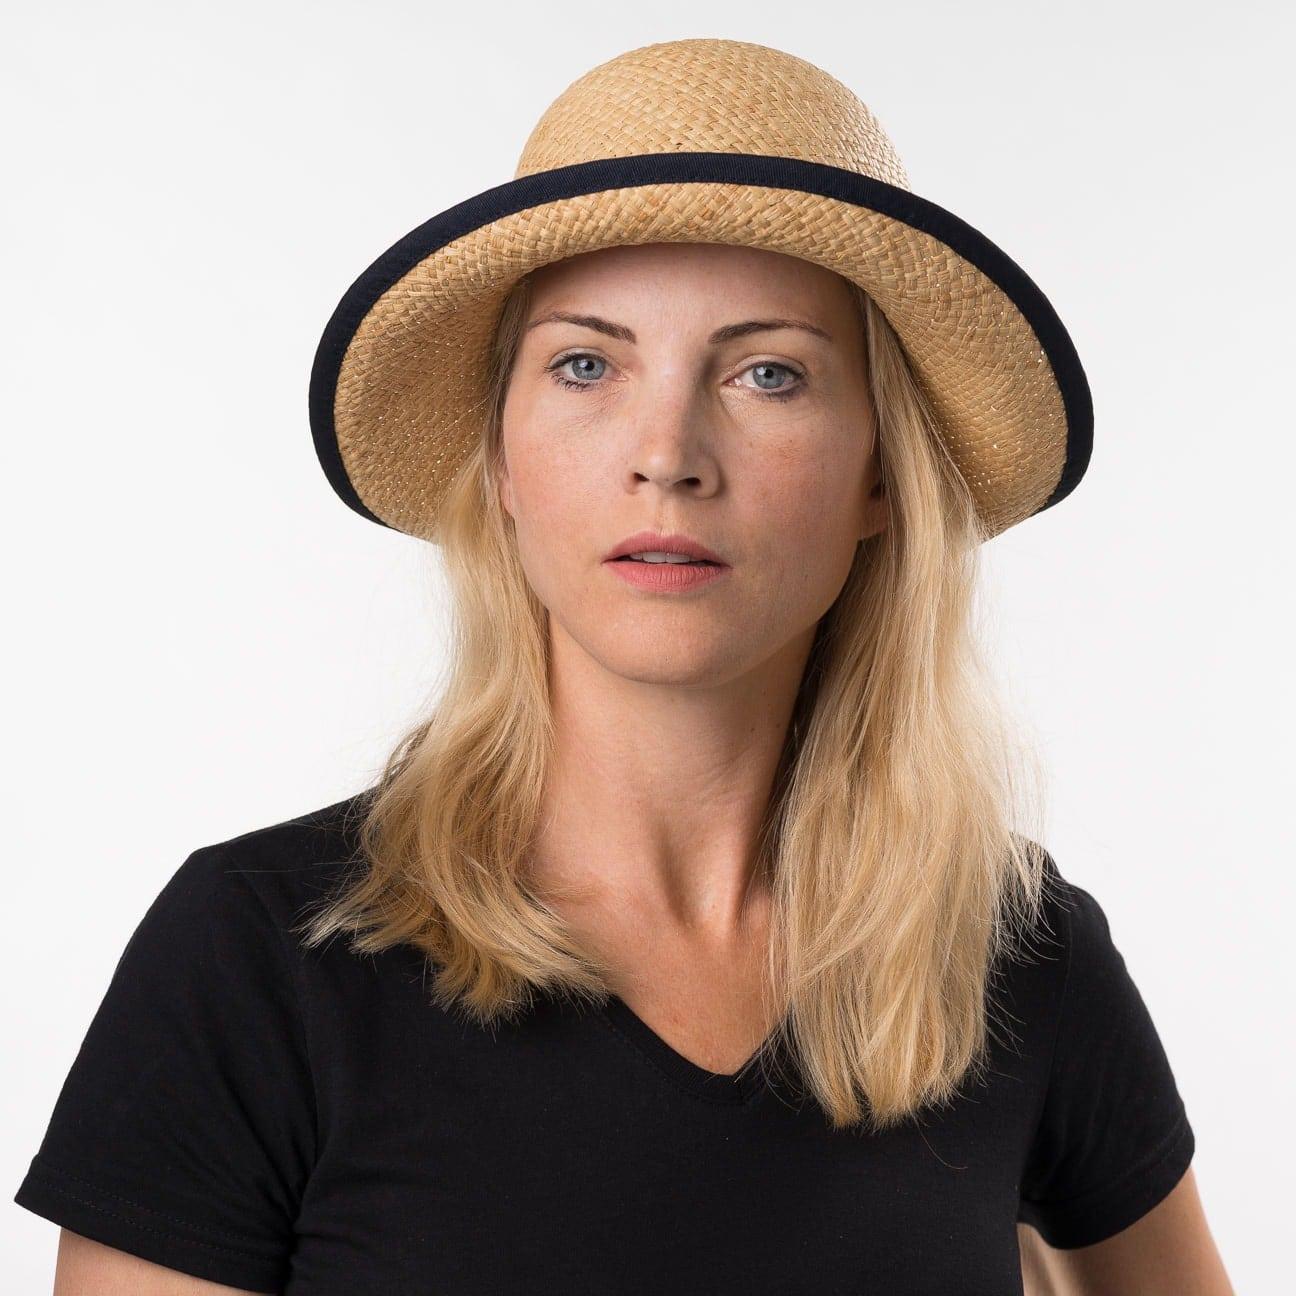 Sombrero de Mujer Fanamia Rafia by bedacht - Sombreros - sombreroshop.es b62cb9d048a4